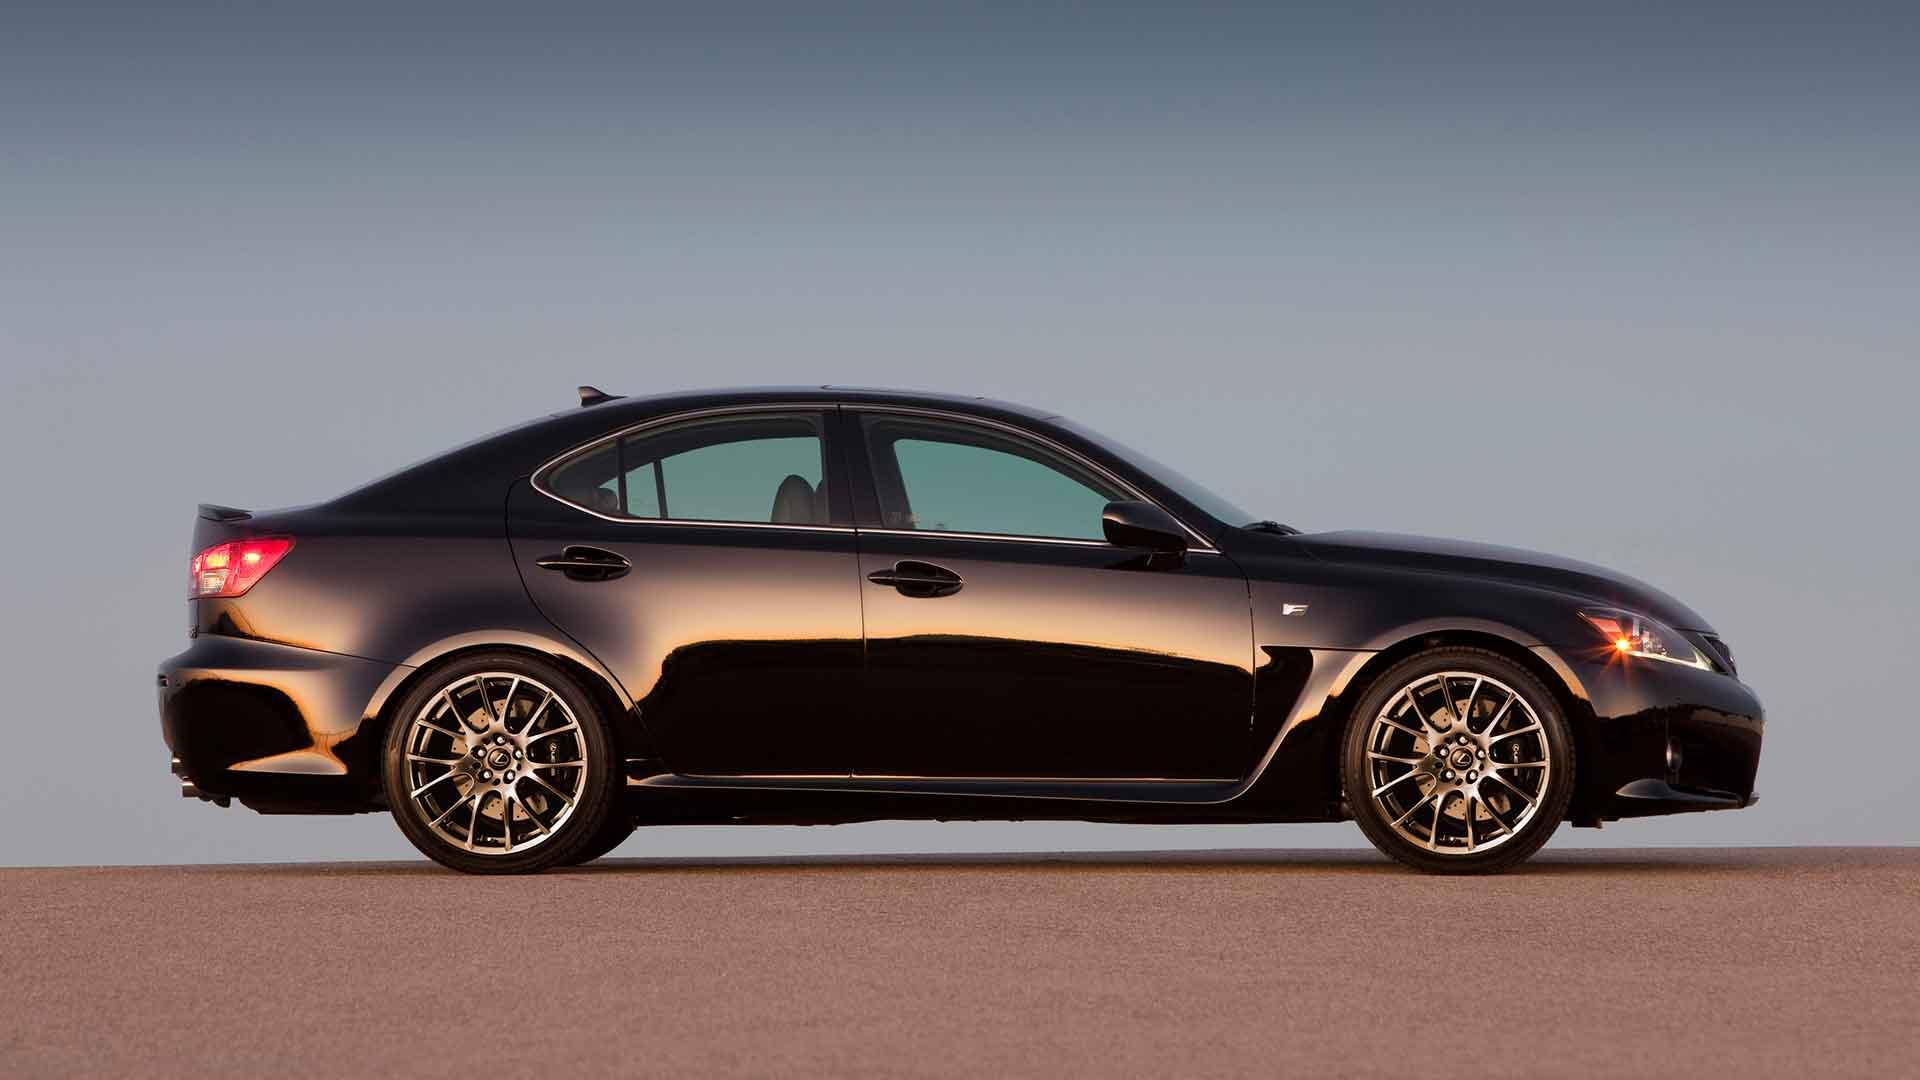 Lexus IS F hero asset